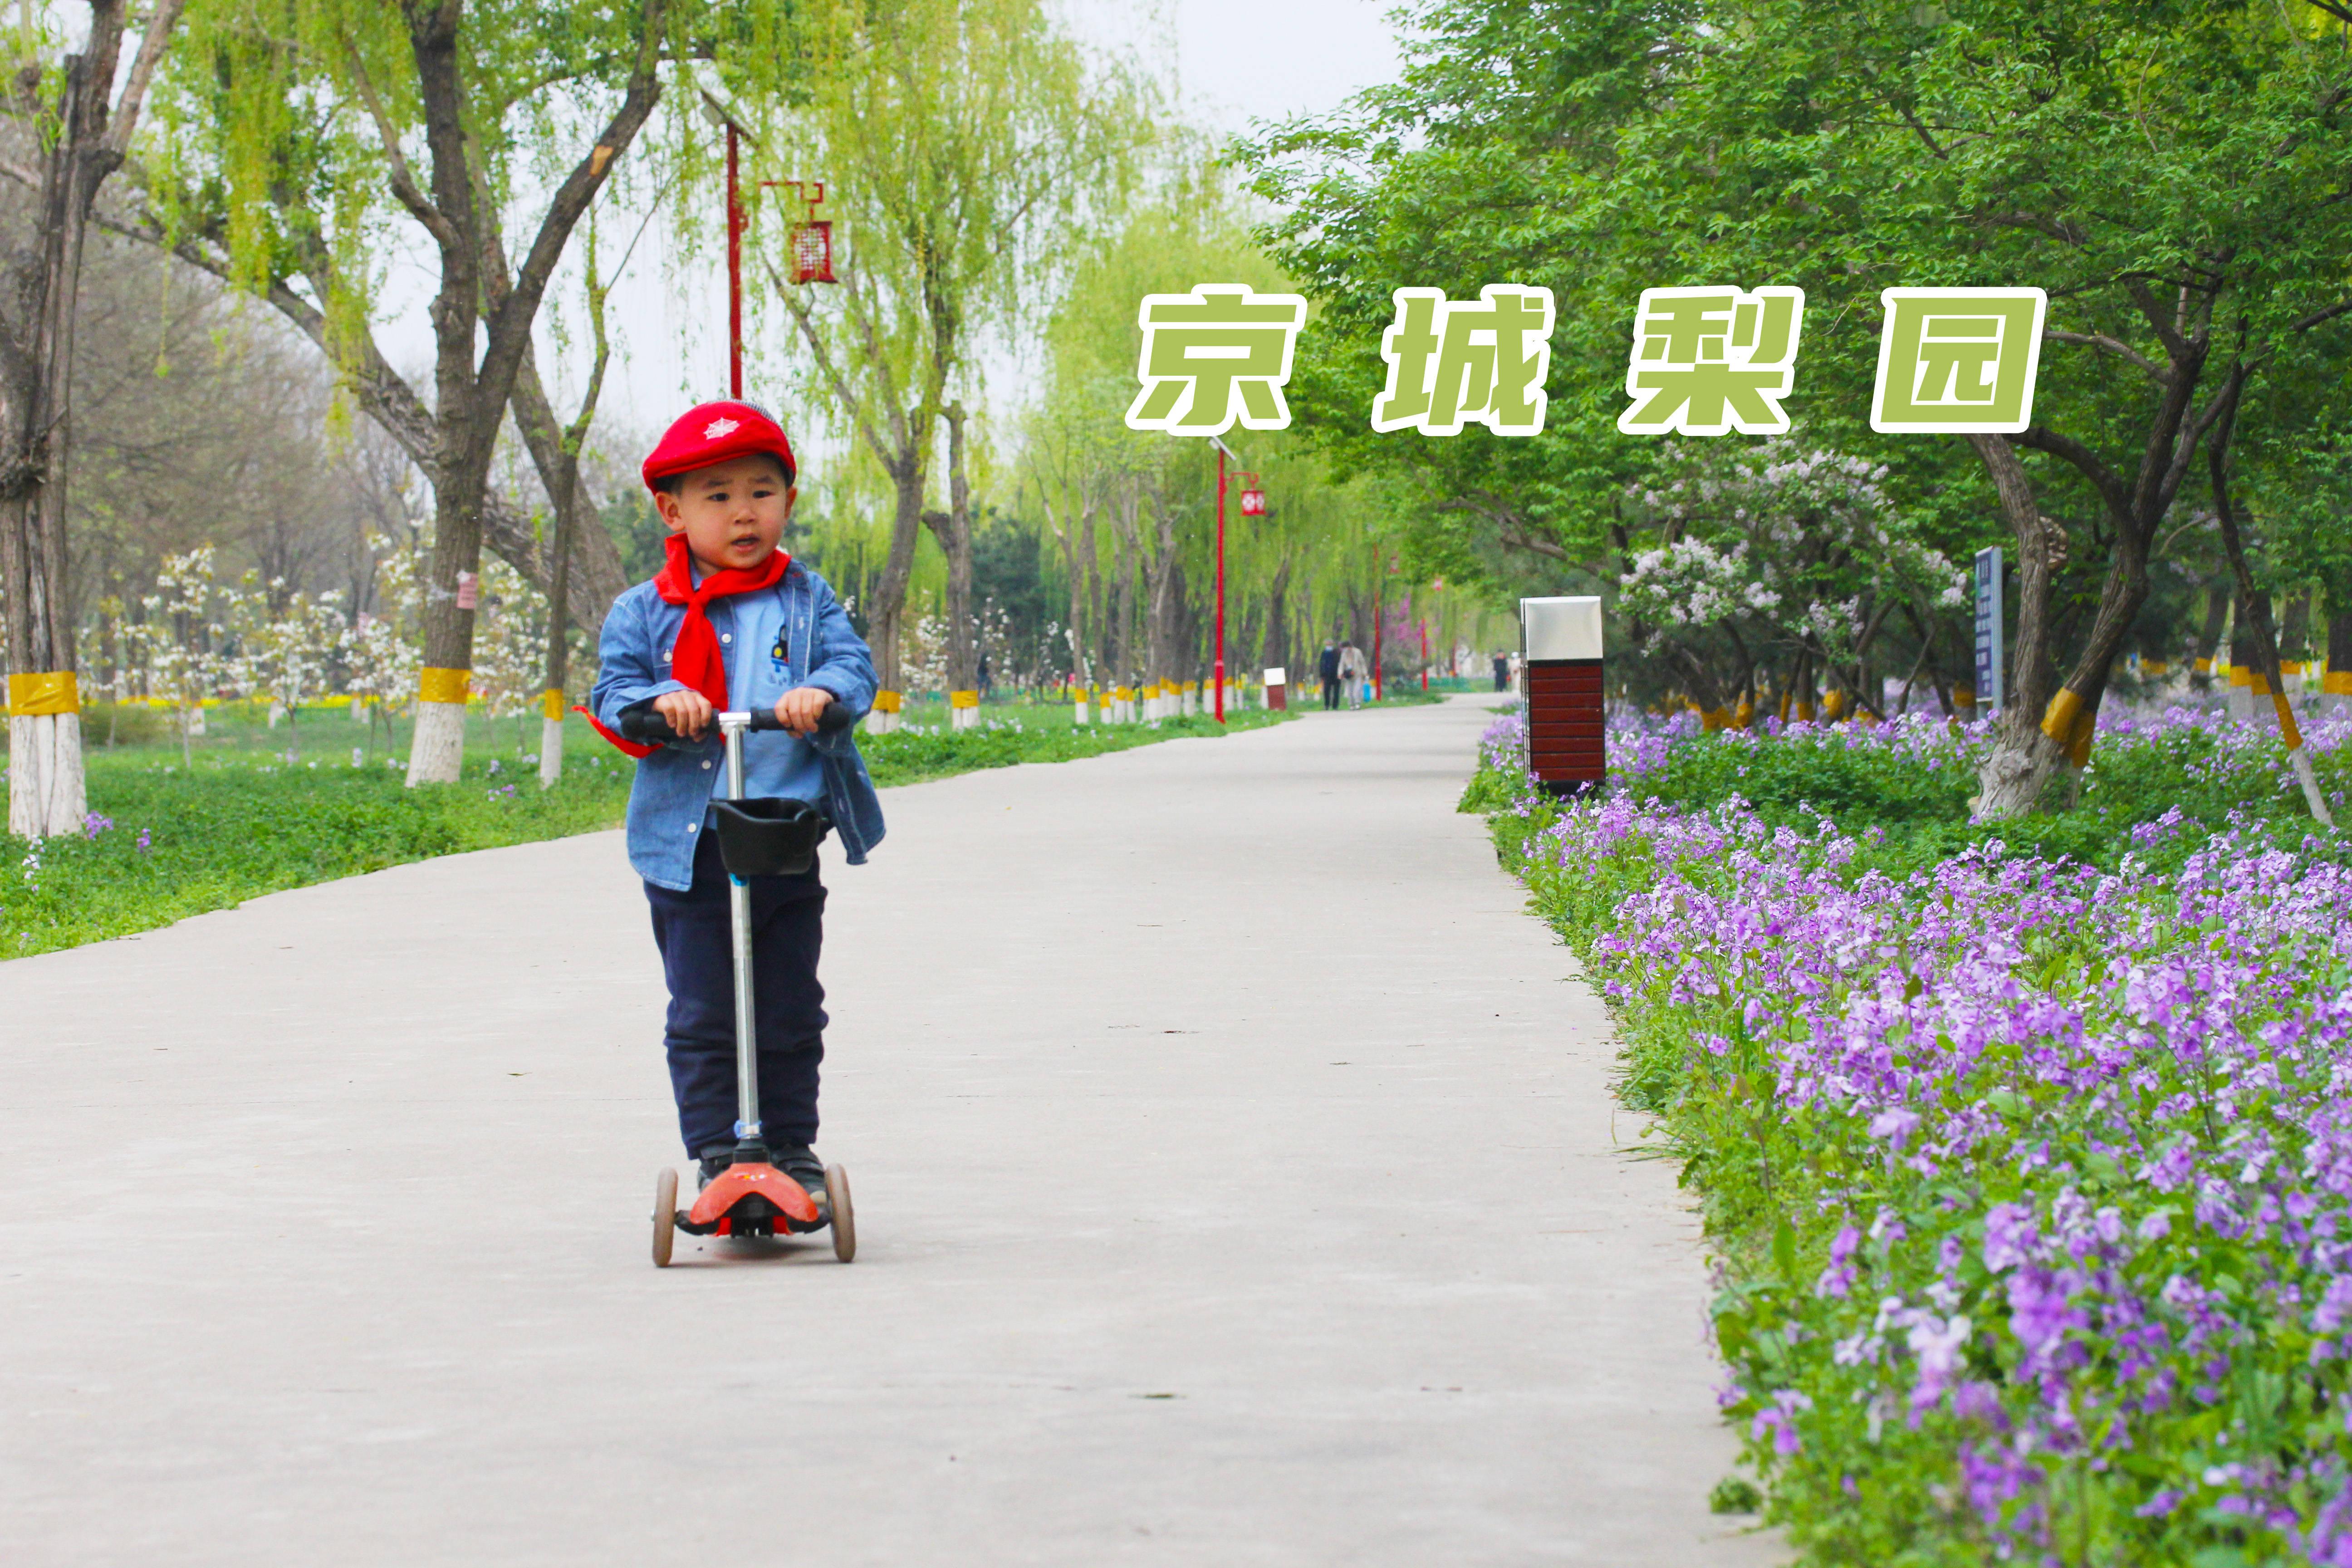 北京最美油菜花海,在这个百花盛开的免费公园,随手一拍就是大片